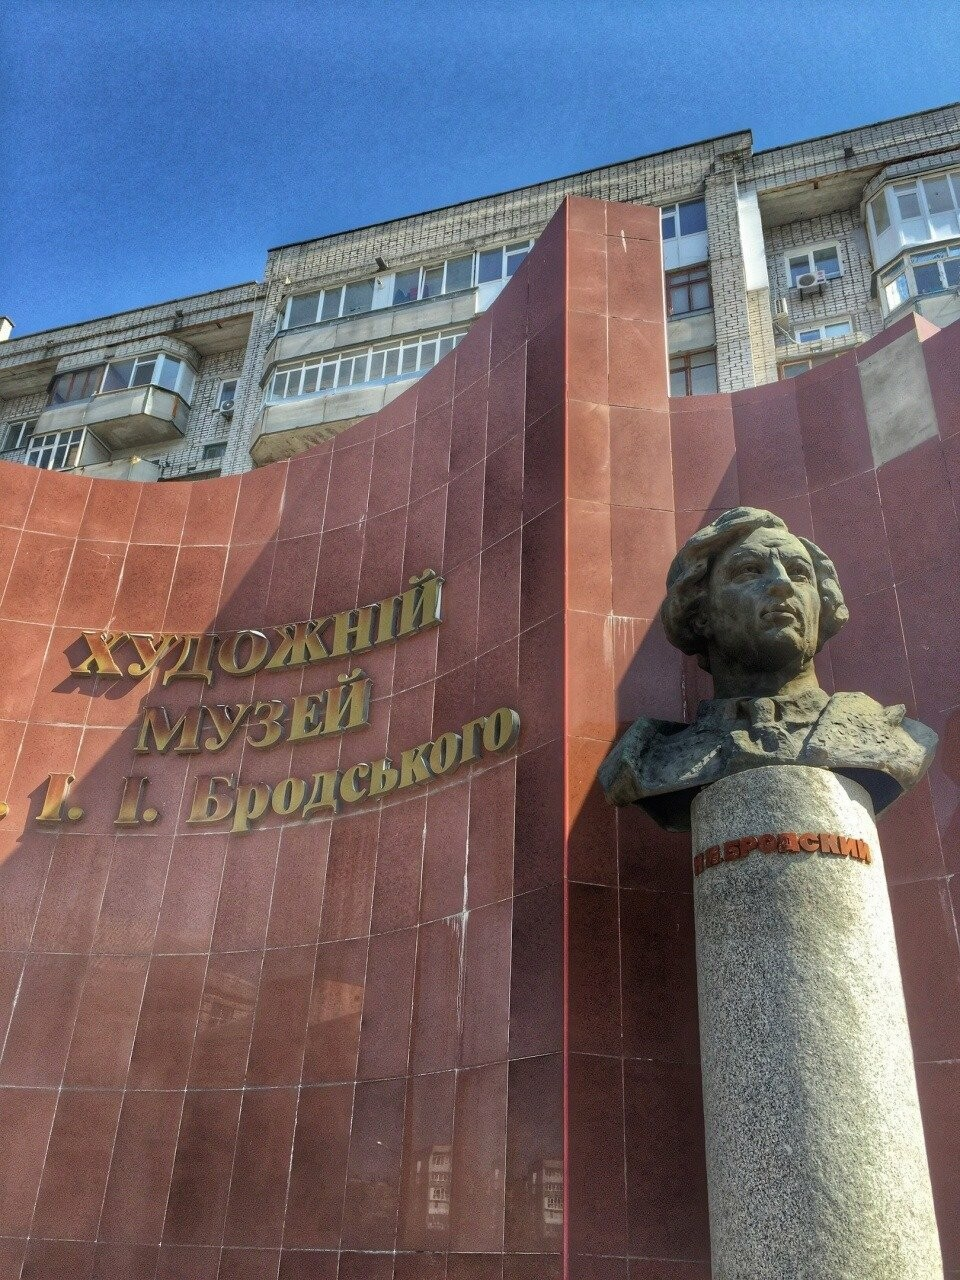 Фасад Художественного музея им. И.И.Бродского